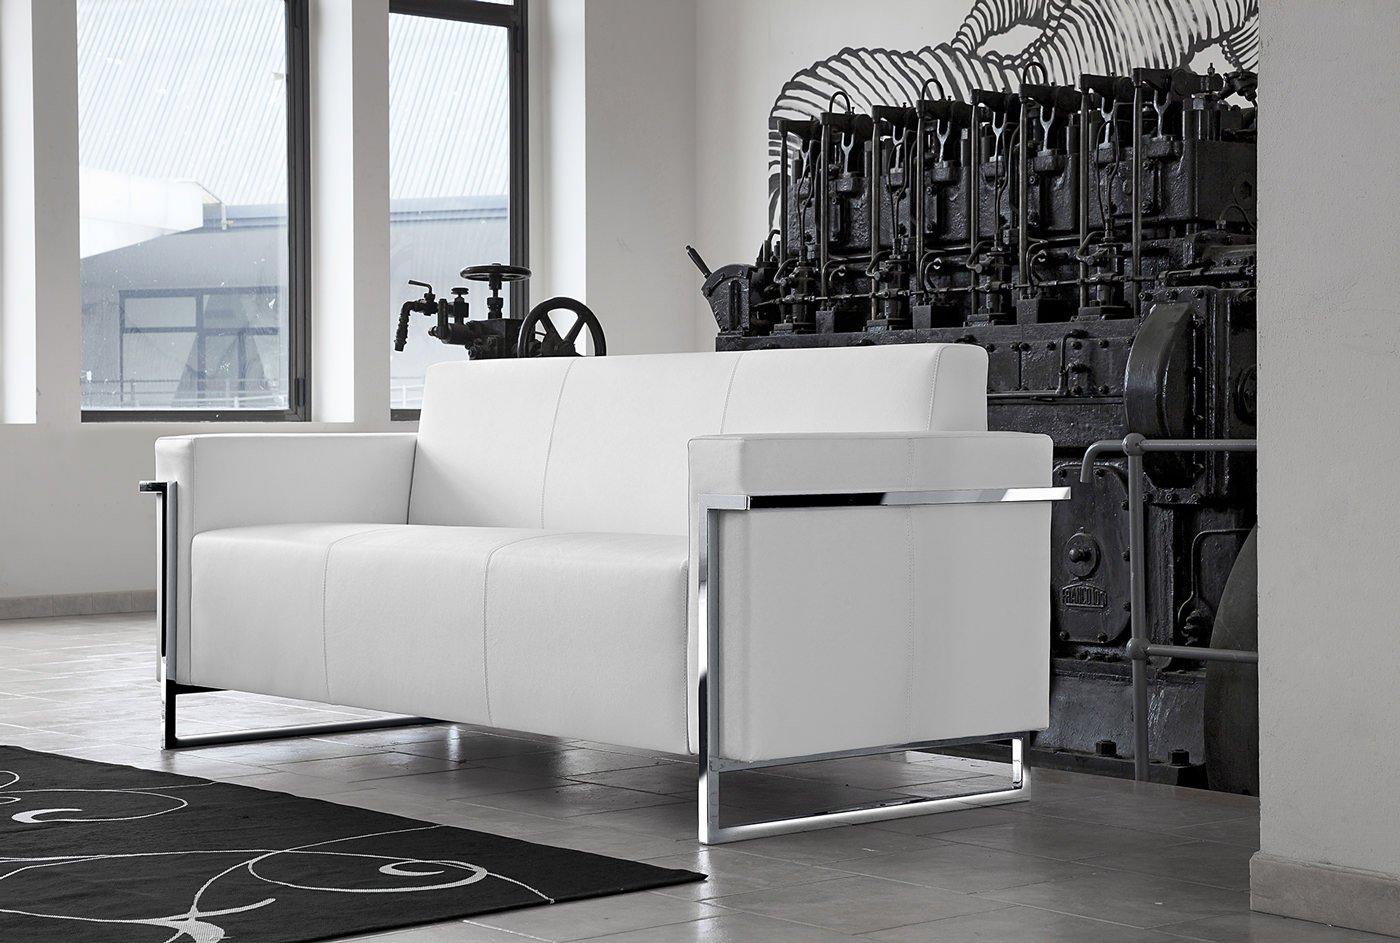 divani per ufficio economici malmoe posti with divani per On divani per ufficio economici